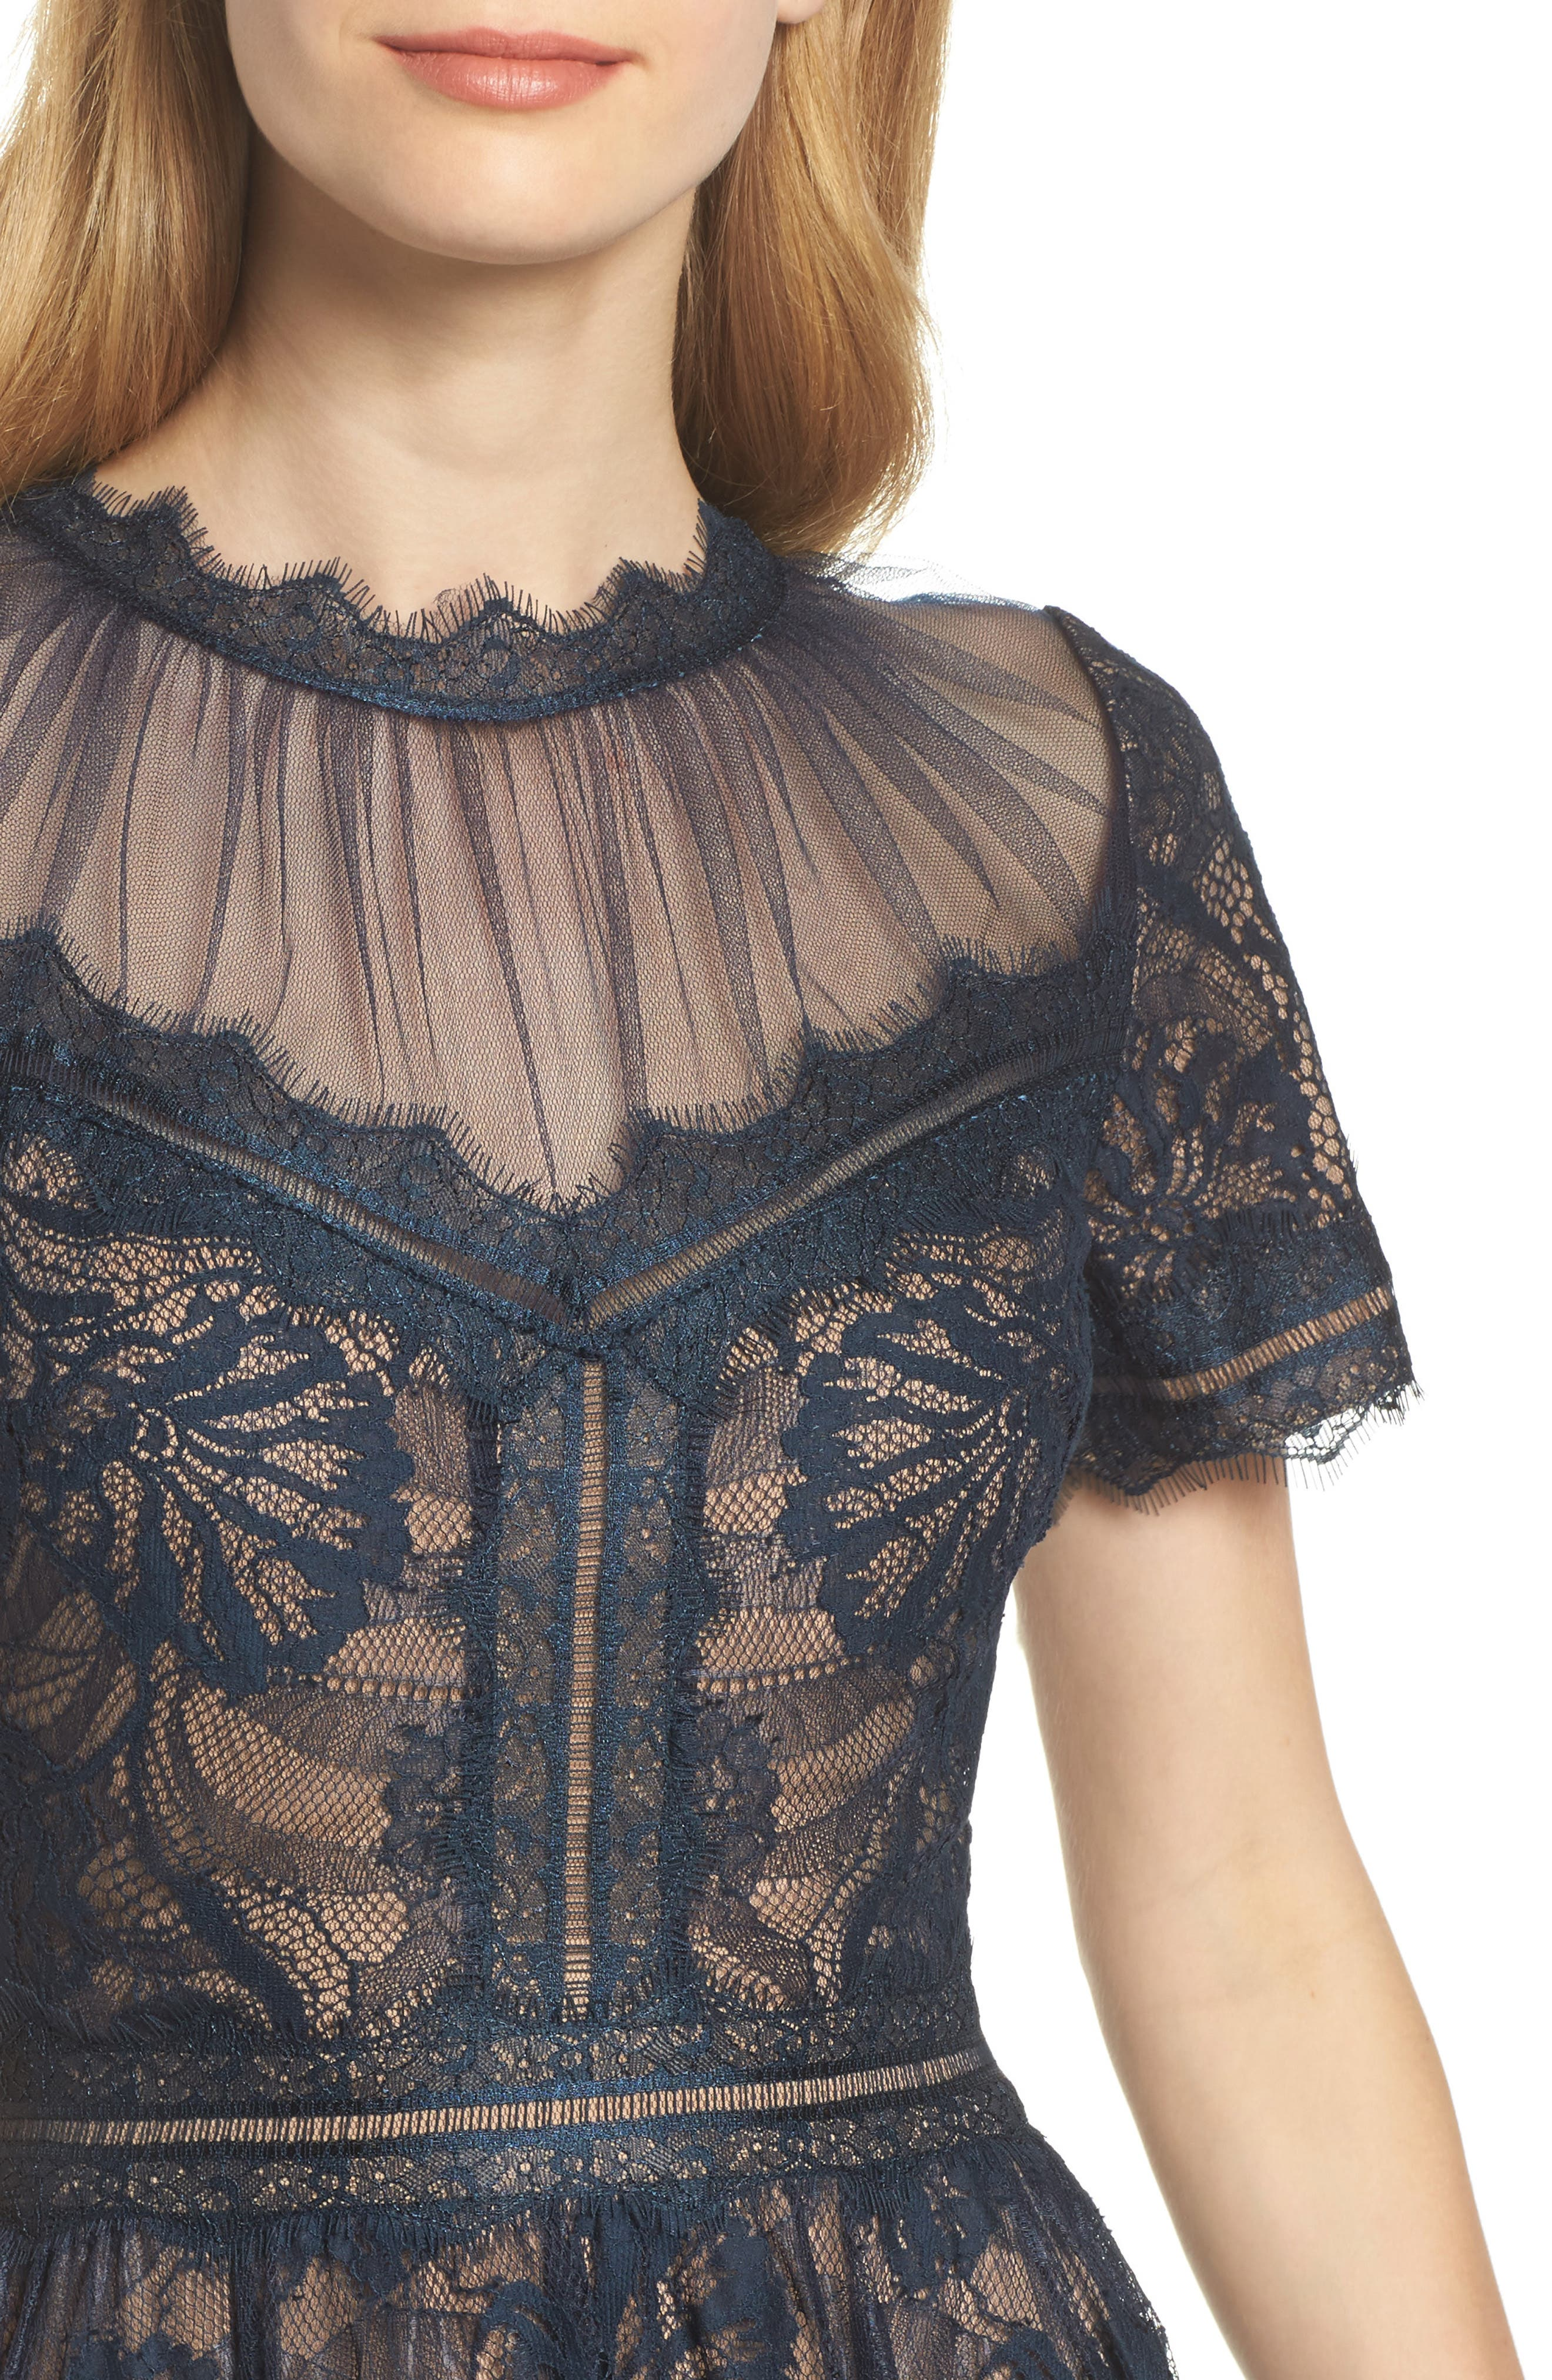 TADASHI SHOJI, Lace Midi Dress, Alternate thumbnail 5, color, NAVY/ NUDE